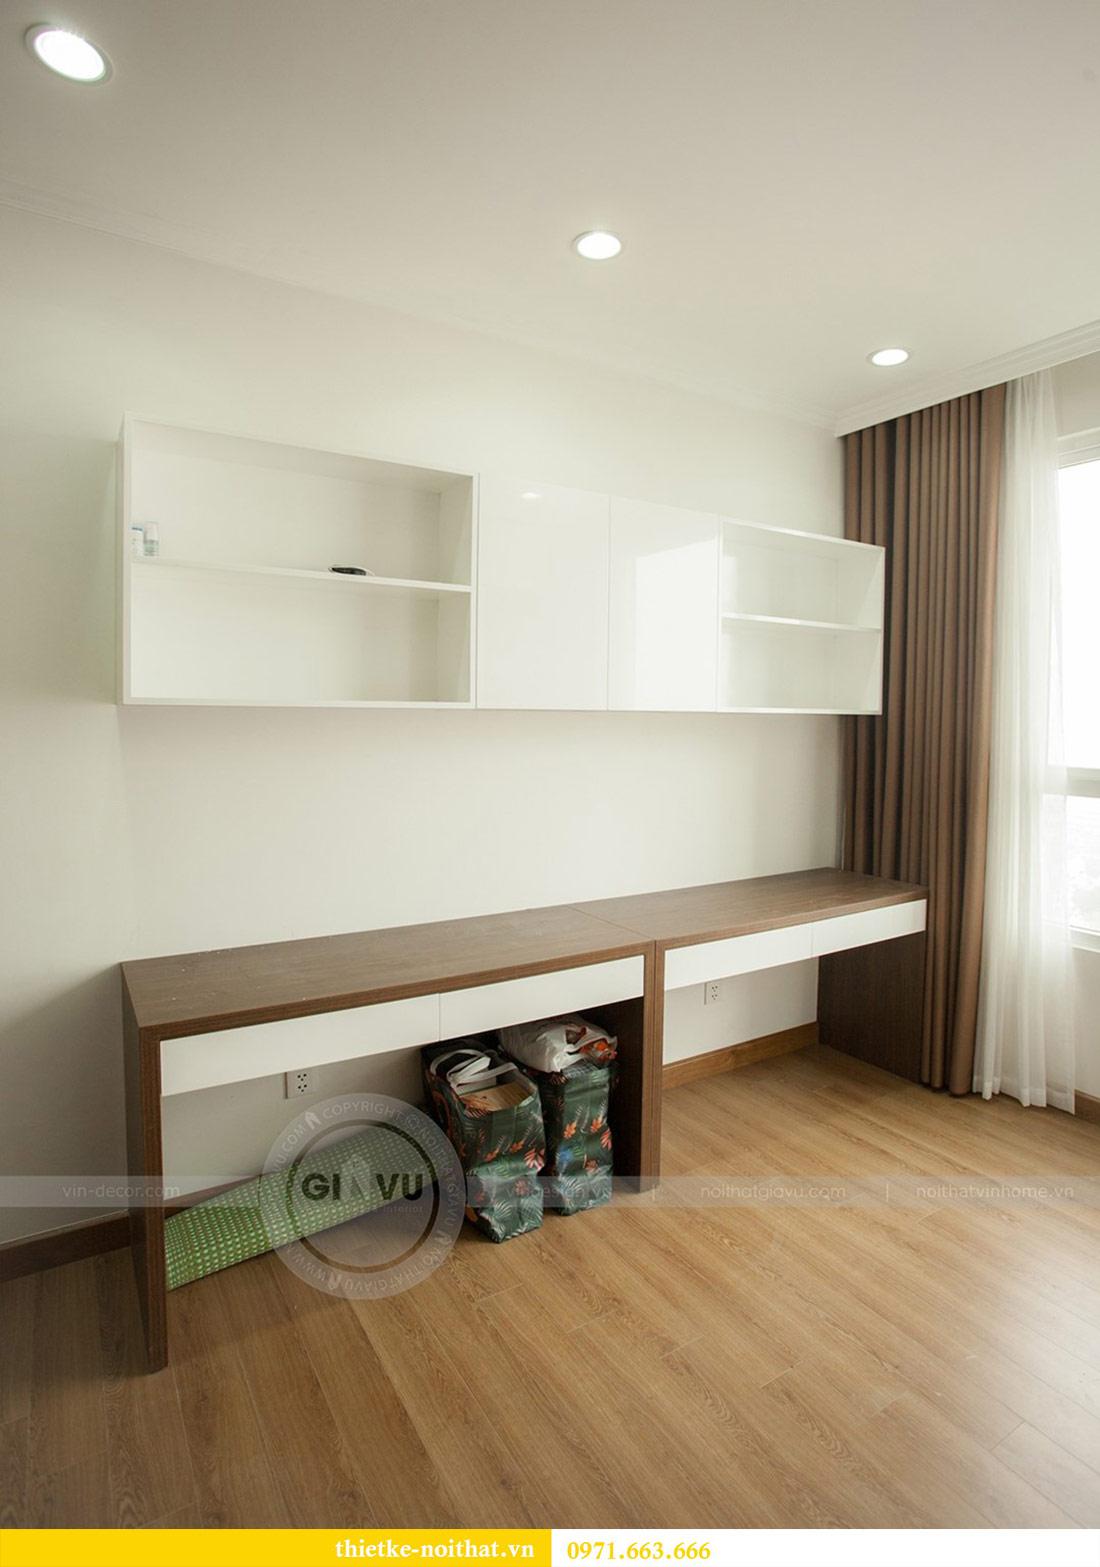 Thi công nội thất chung cư Seasons Avenue tòa S3 căn 01 - anh Bách 12